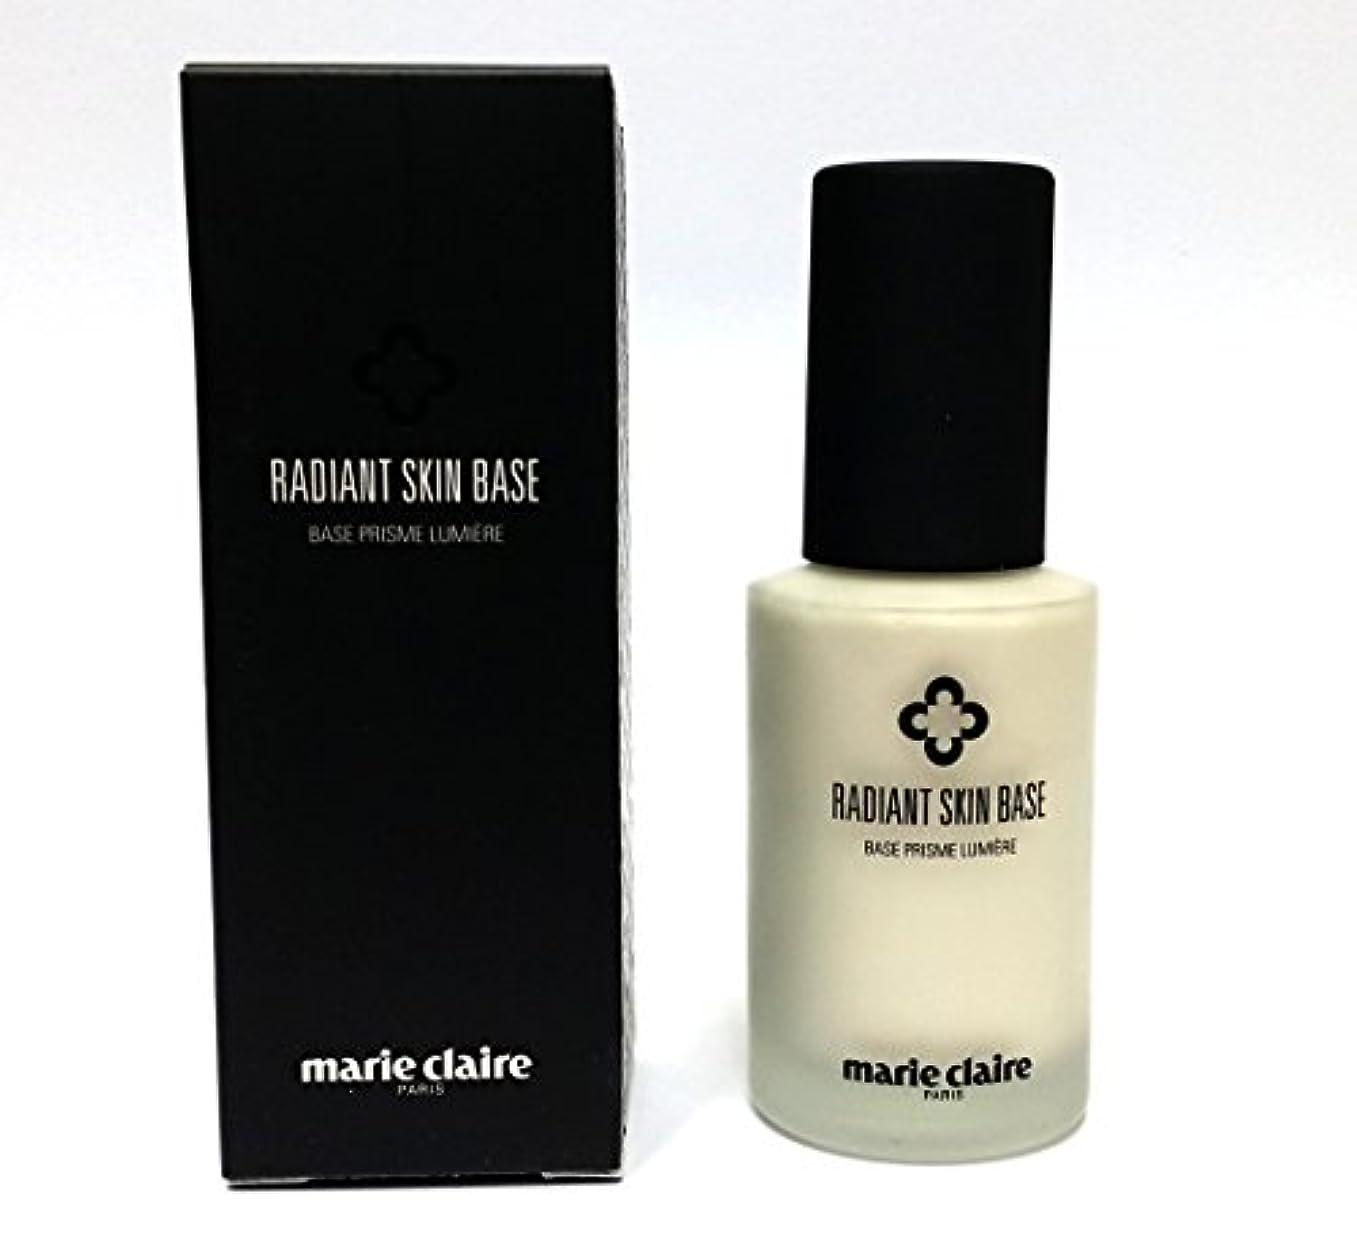 意欲裏切る成長[Marie Claire] ラディアントスキンベース30ml / Radiant Skin Base 30ml / 皮膚の傷はカバー / skin blemishes cover / ソフト、水分、絹のような / soft...